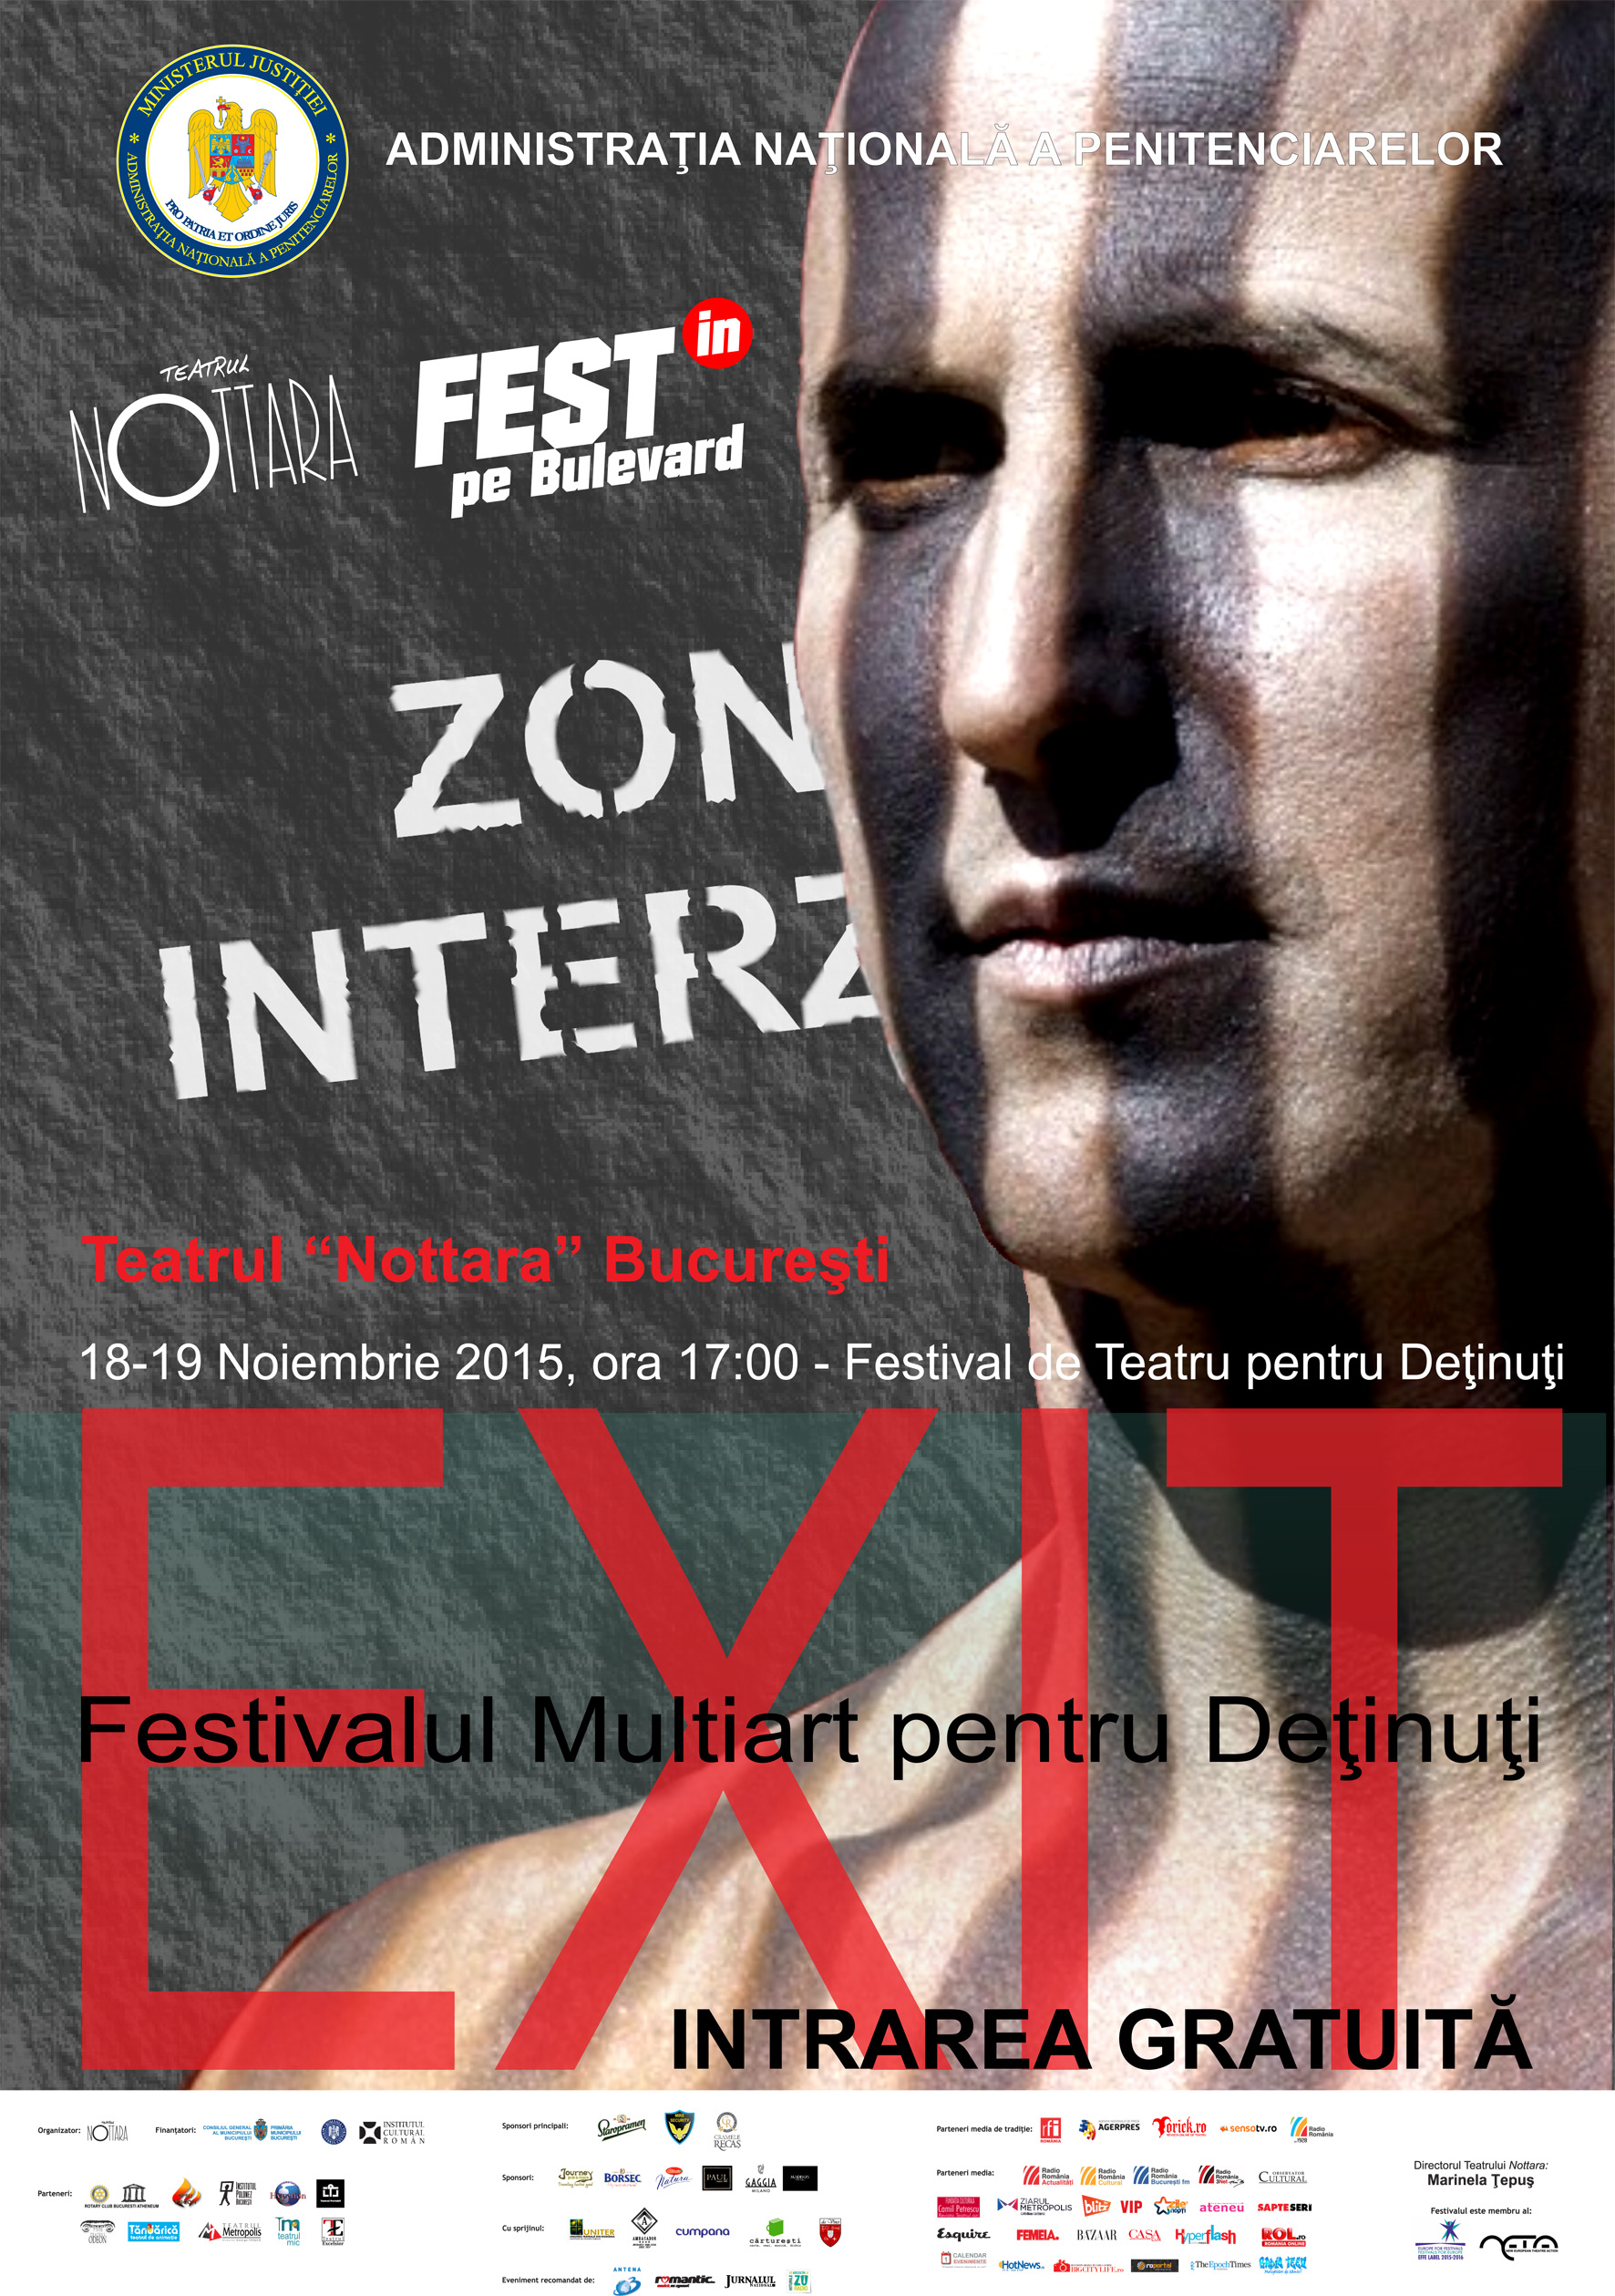 Festivalul MultiArt pentru deţinuţi @ Teatrul Nottara București